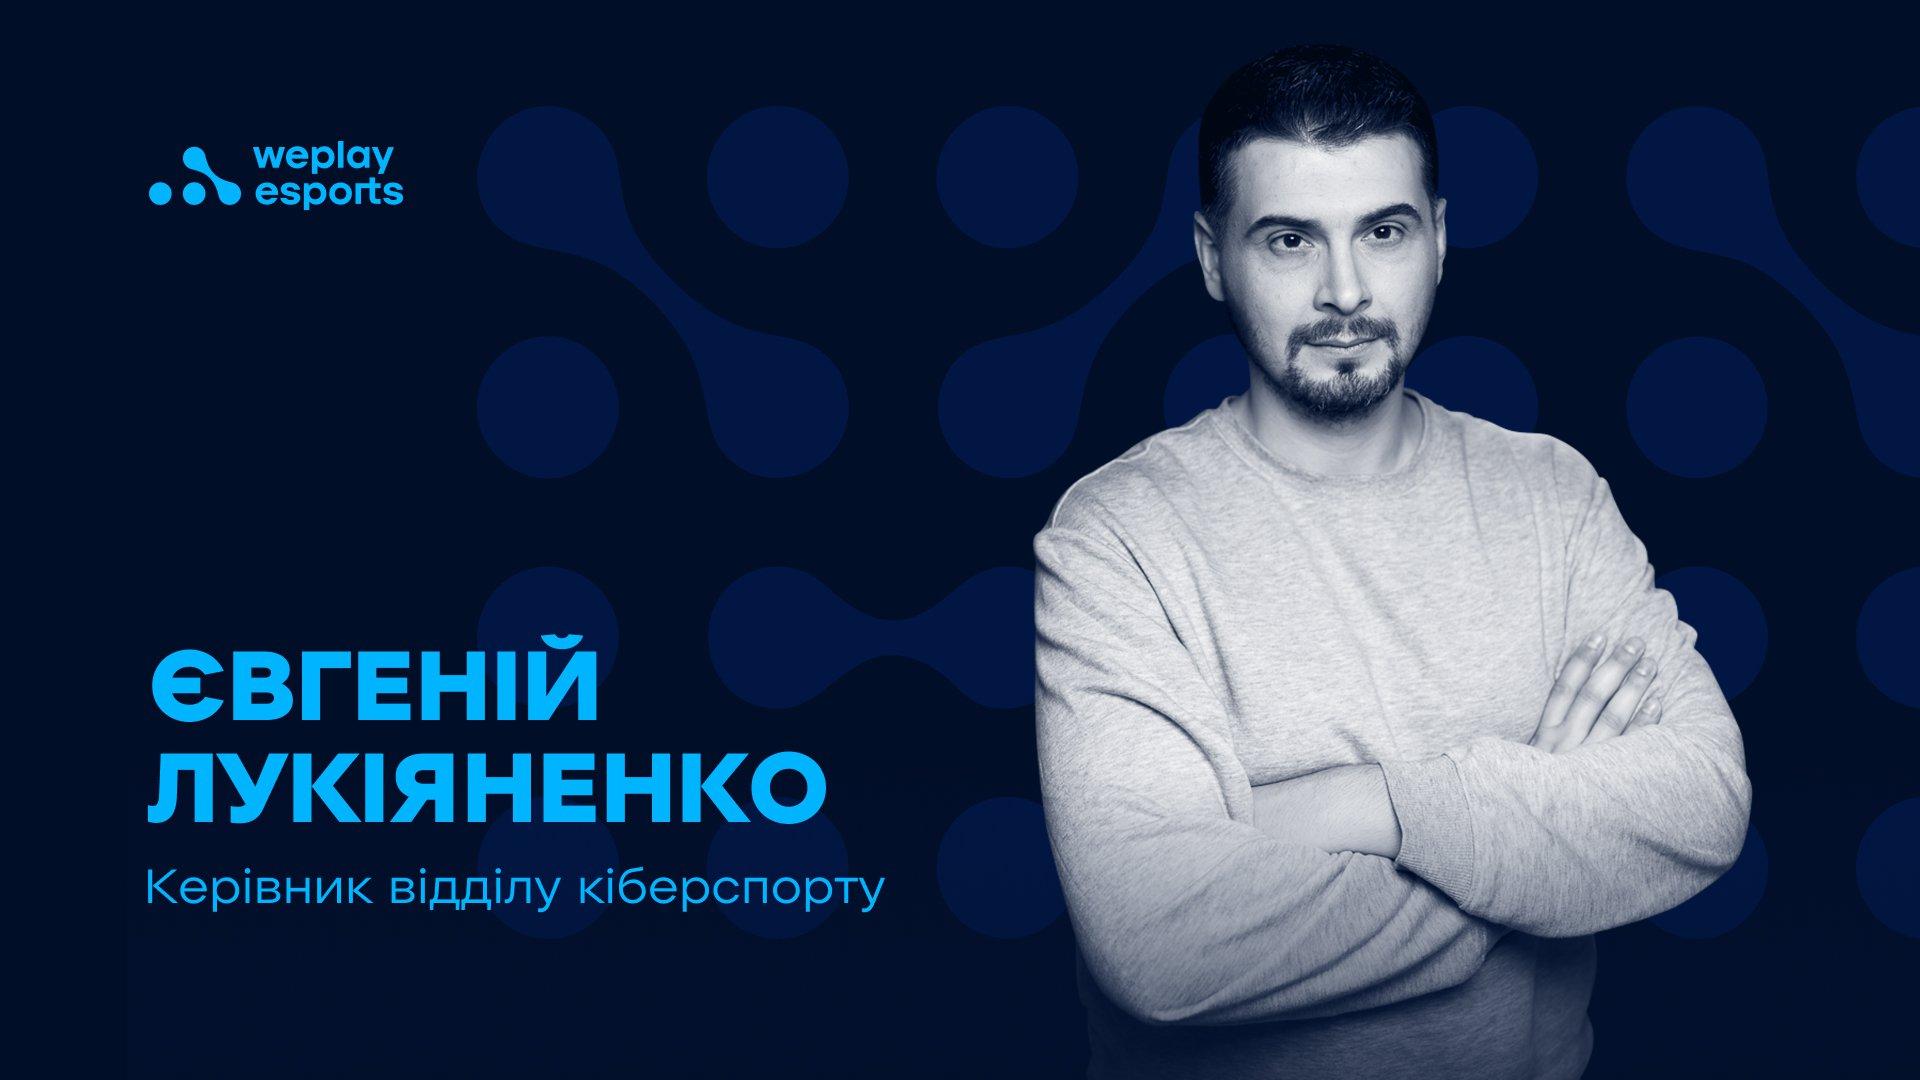 Євгеній Лукіяненко, керівник відділу кіберспорту WePlay Esports. Фото: WePlay Holding